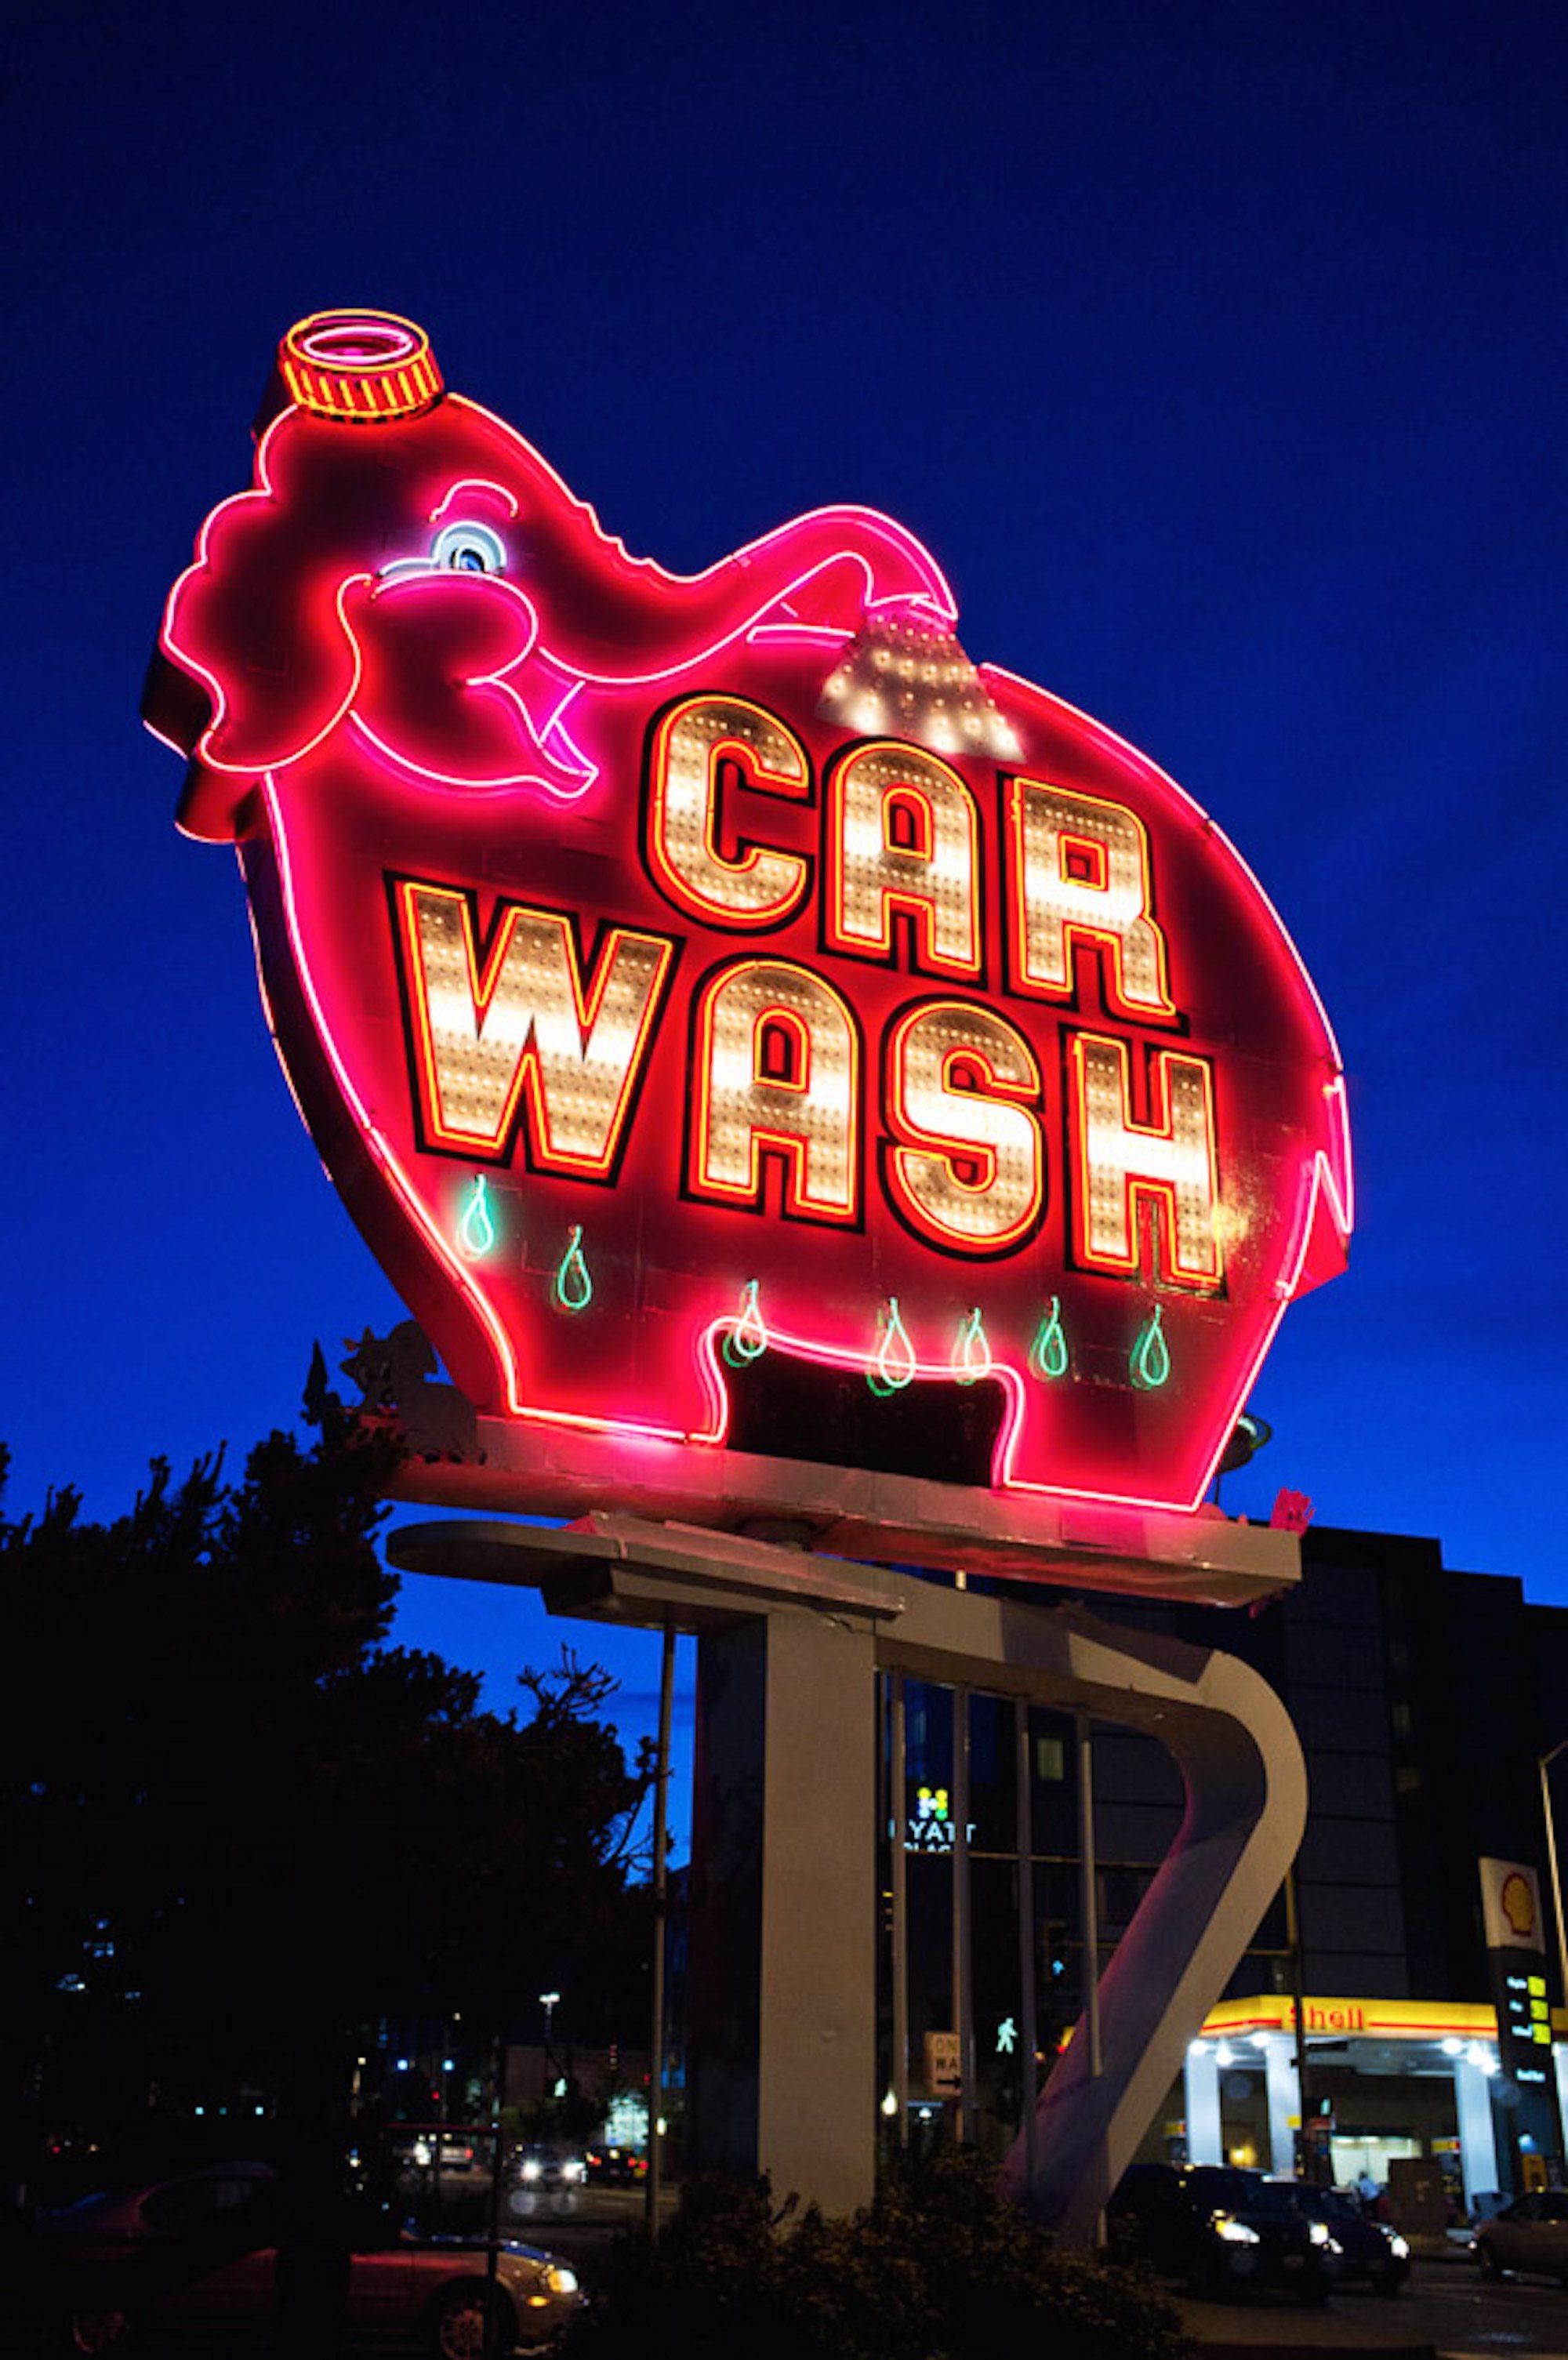 Carwash_Seattle